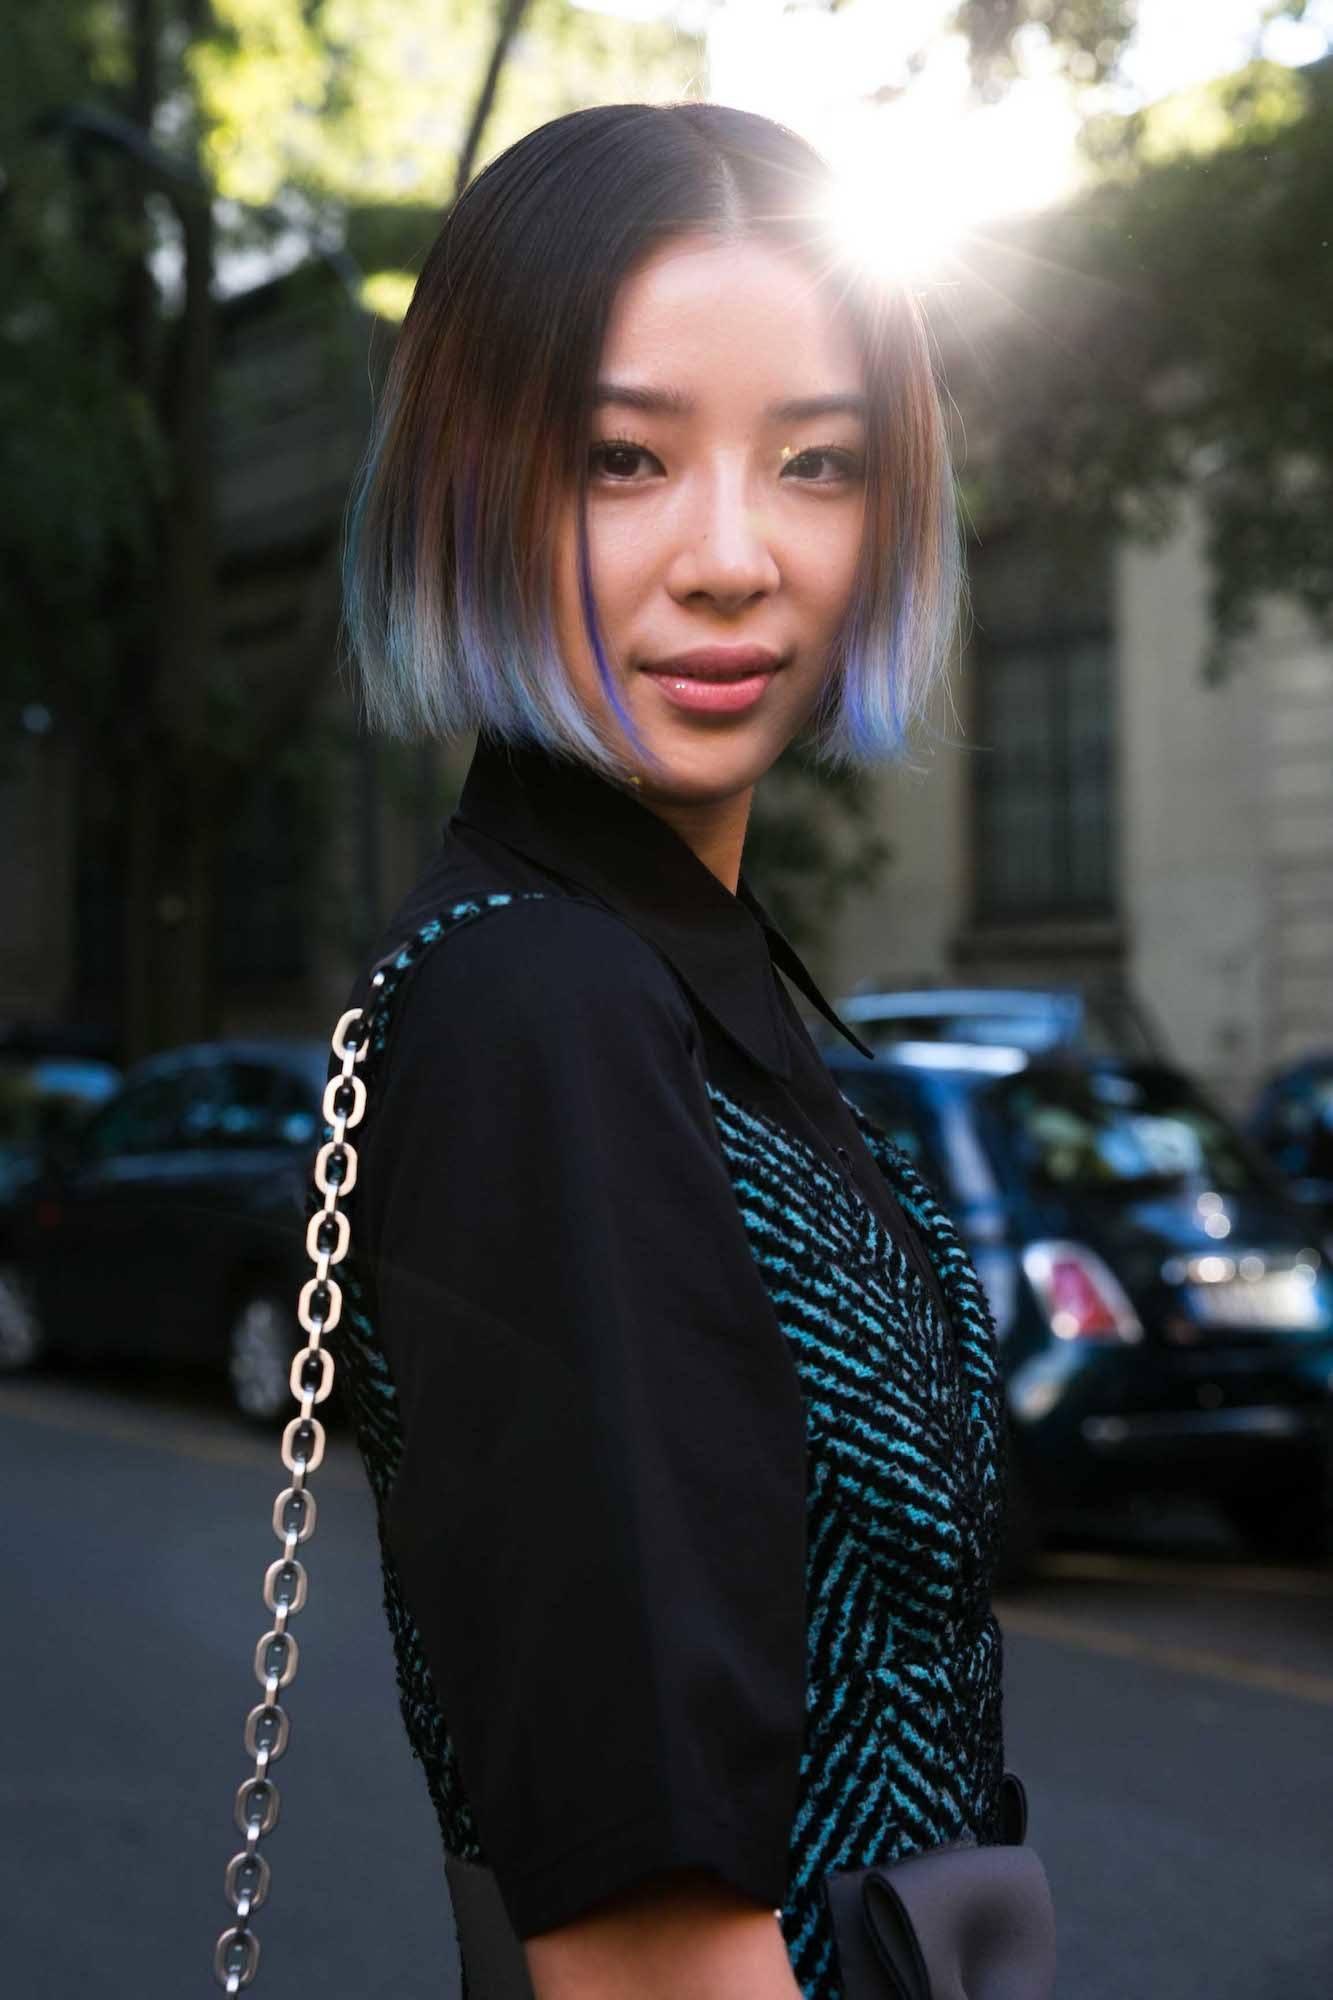 Warna rambut pelangi ombre blue pastel bob.